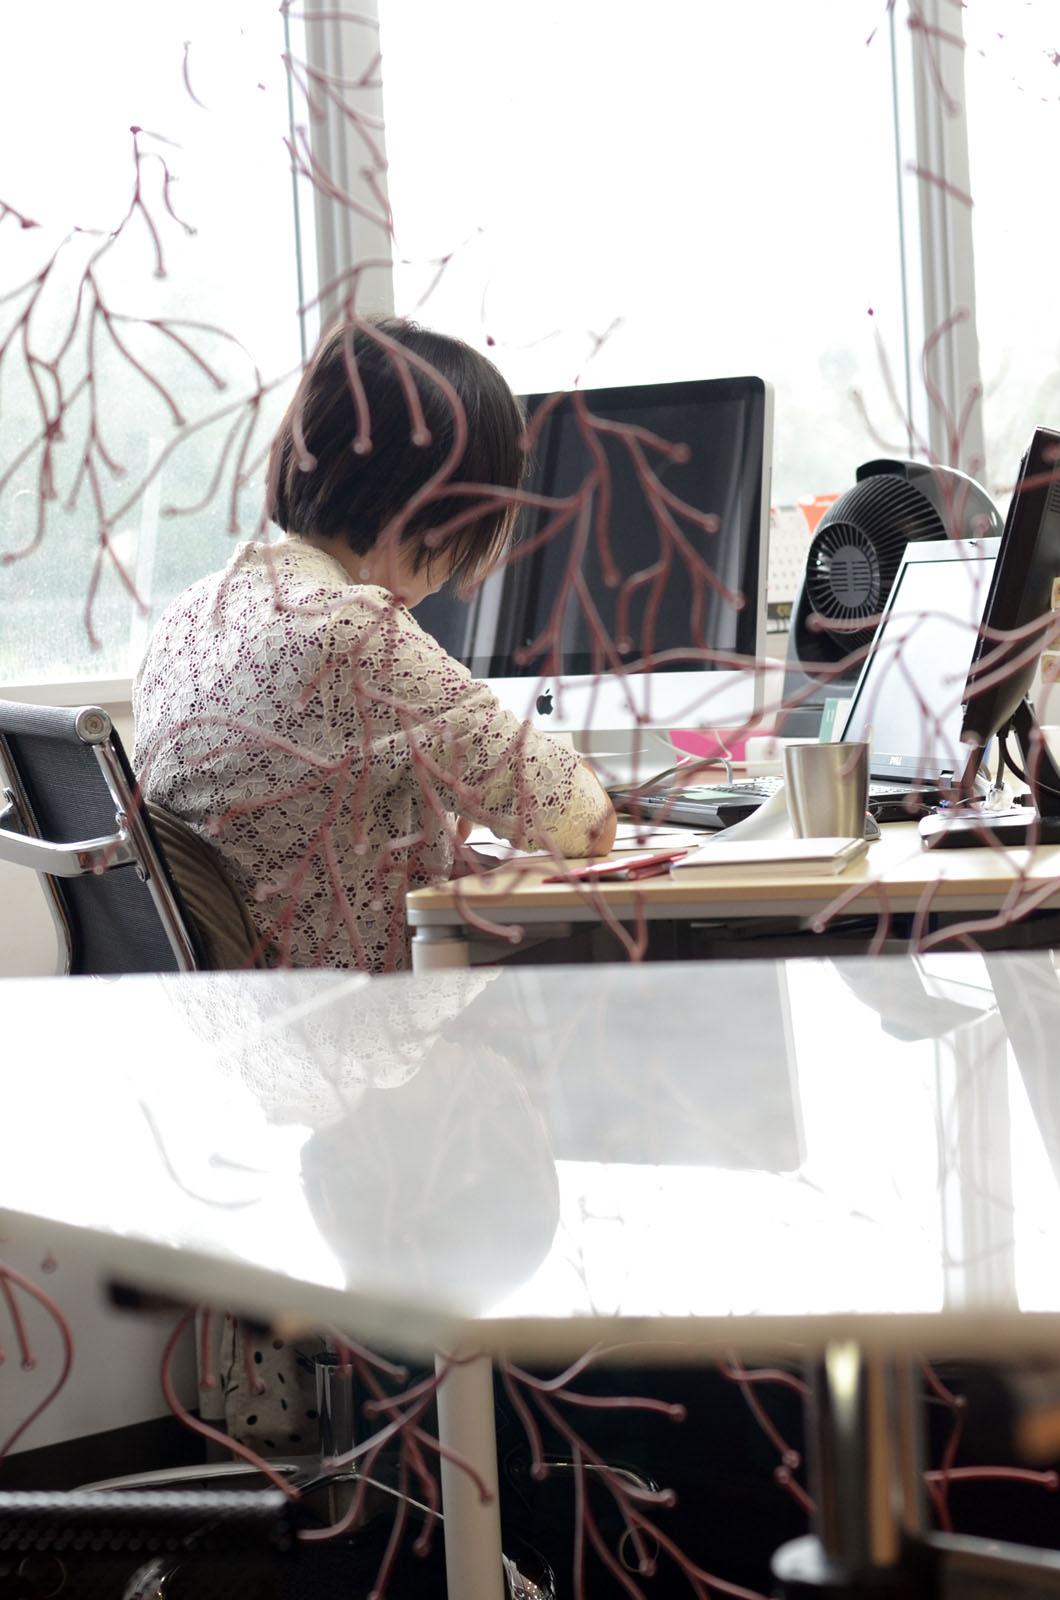 13株式会社ビジュアル・プロセッシング・ジャパン 沖縄宜野座オフィス